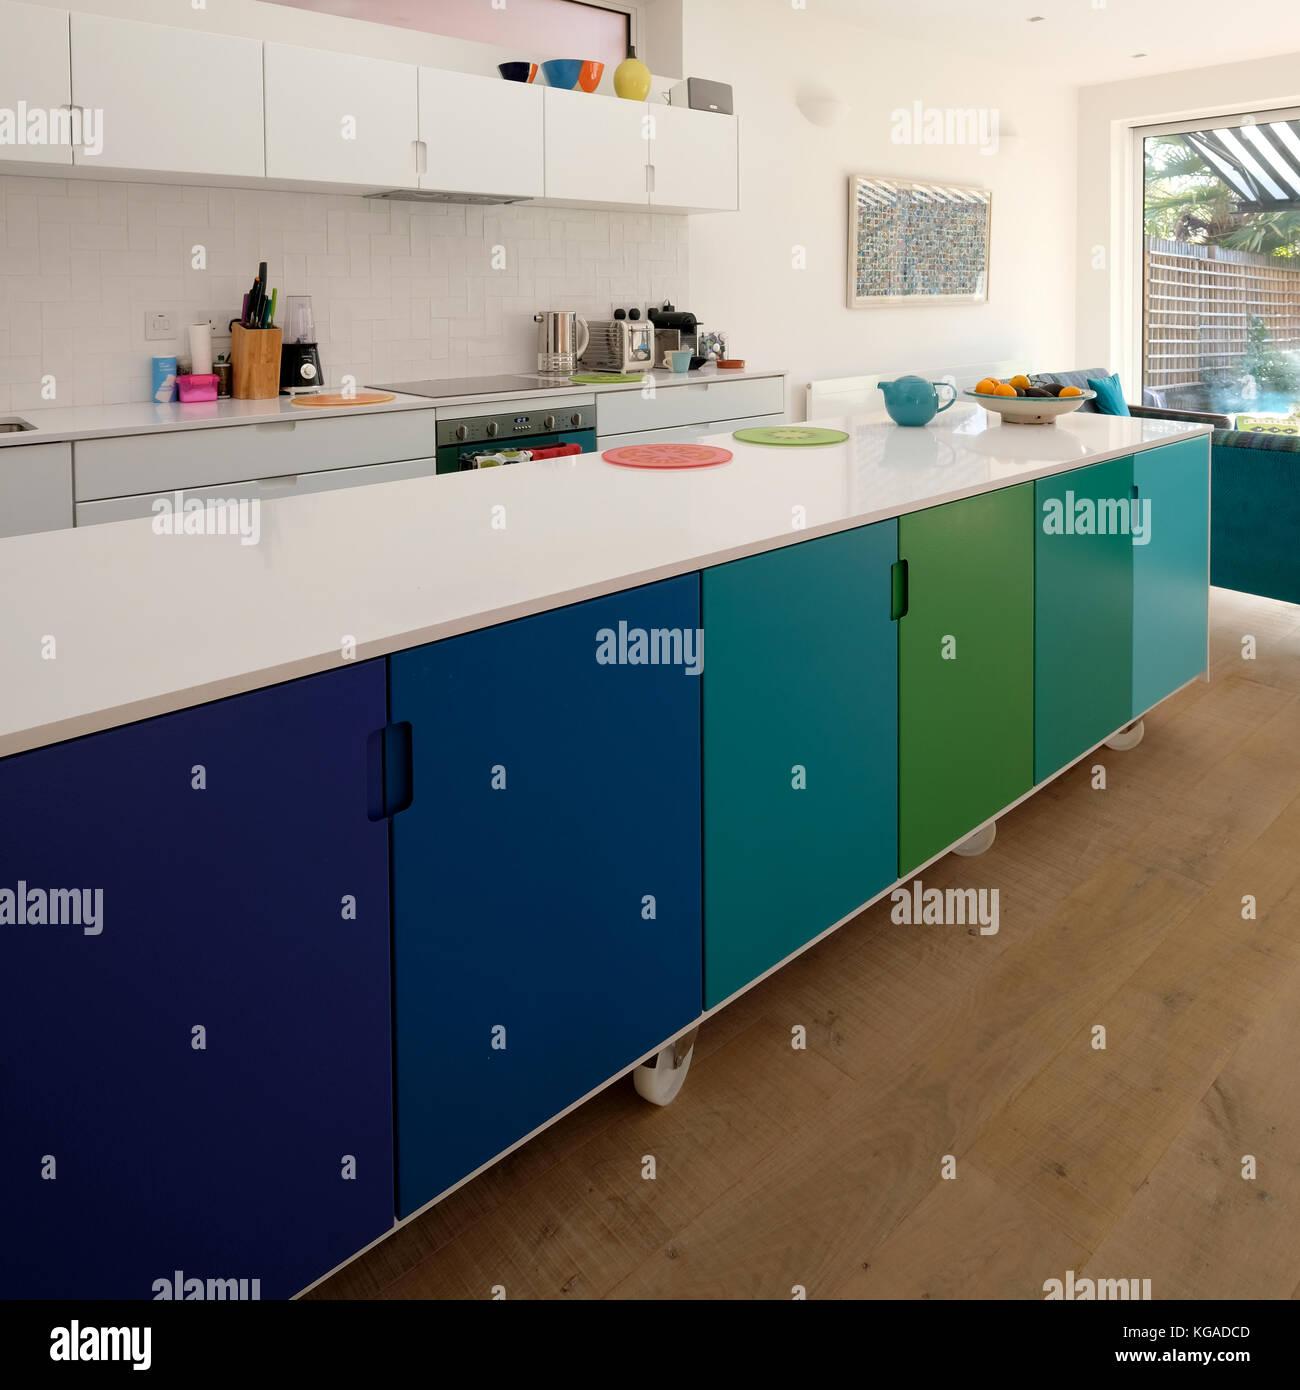 Kitchen Design Imágenes De Stock & Kitchen Design Fotos De Stock - Alamy